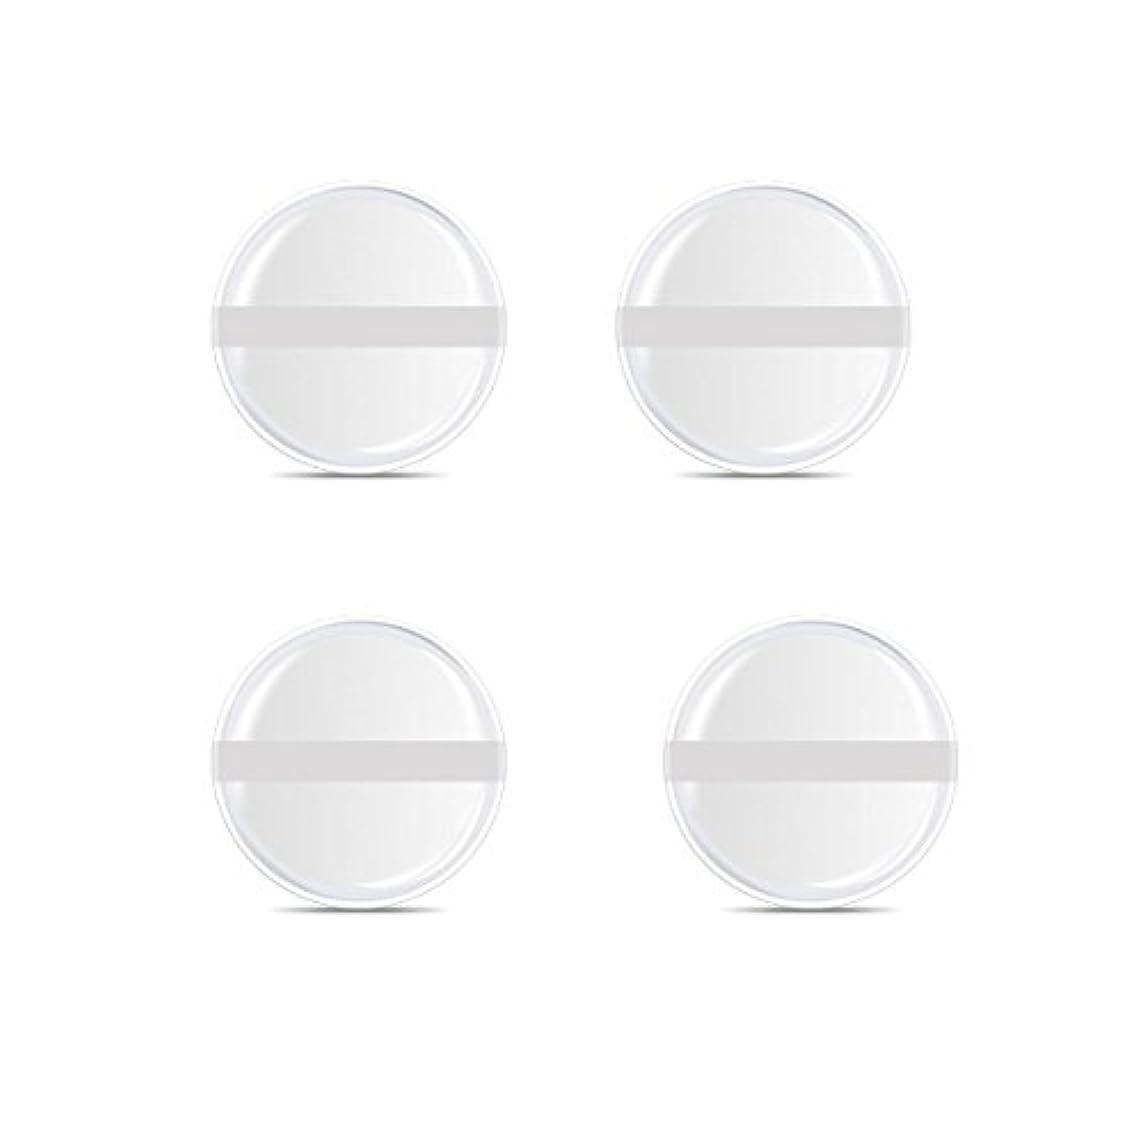 中に請求書アジアシリコンパフ 帯付き メイクスポンジ ゲルパフ ゼリーパフ 清潔しやすい衛生 柔らかく 透明な 4枚入 (円形 4入り)